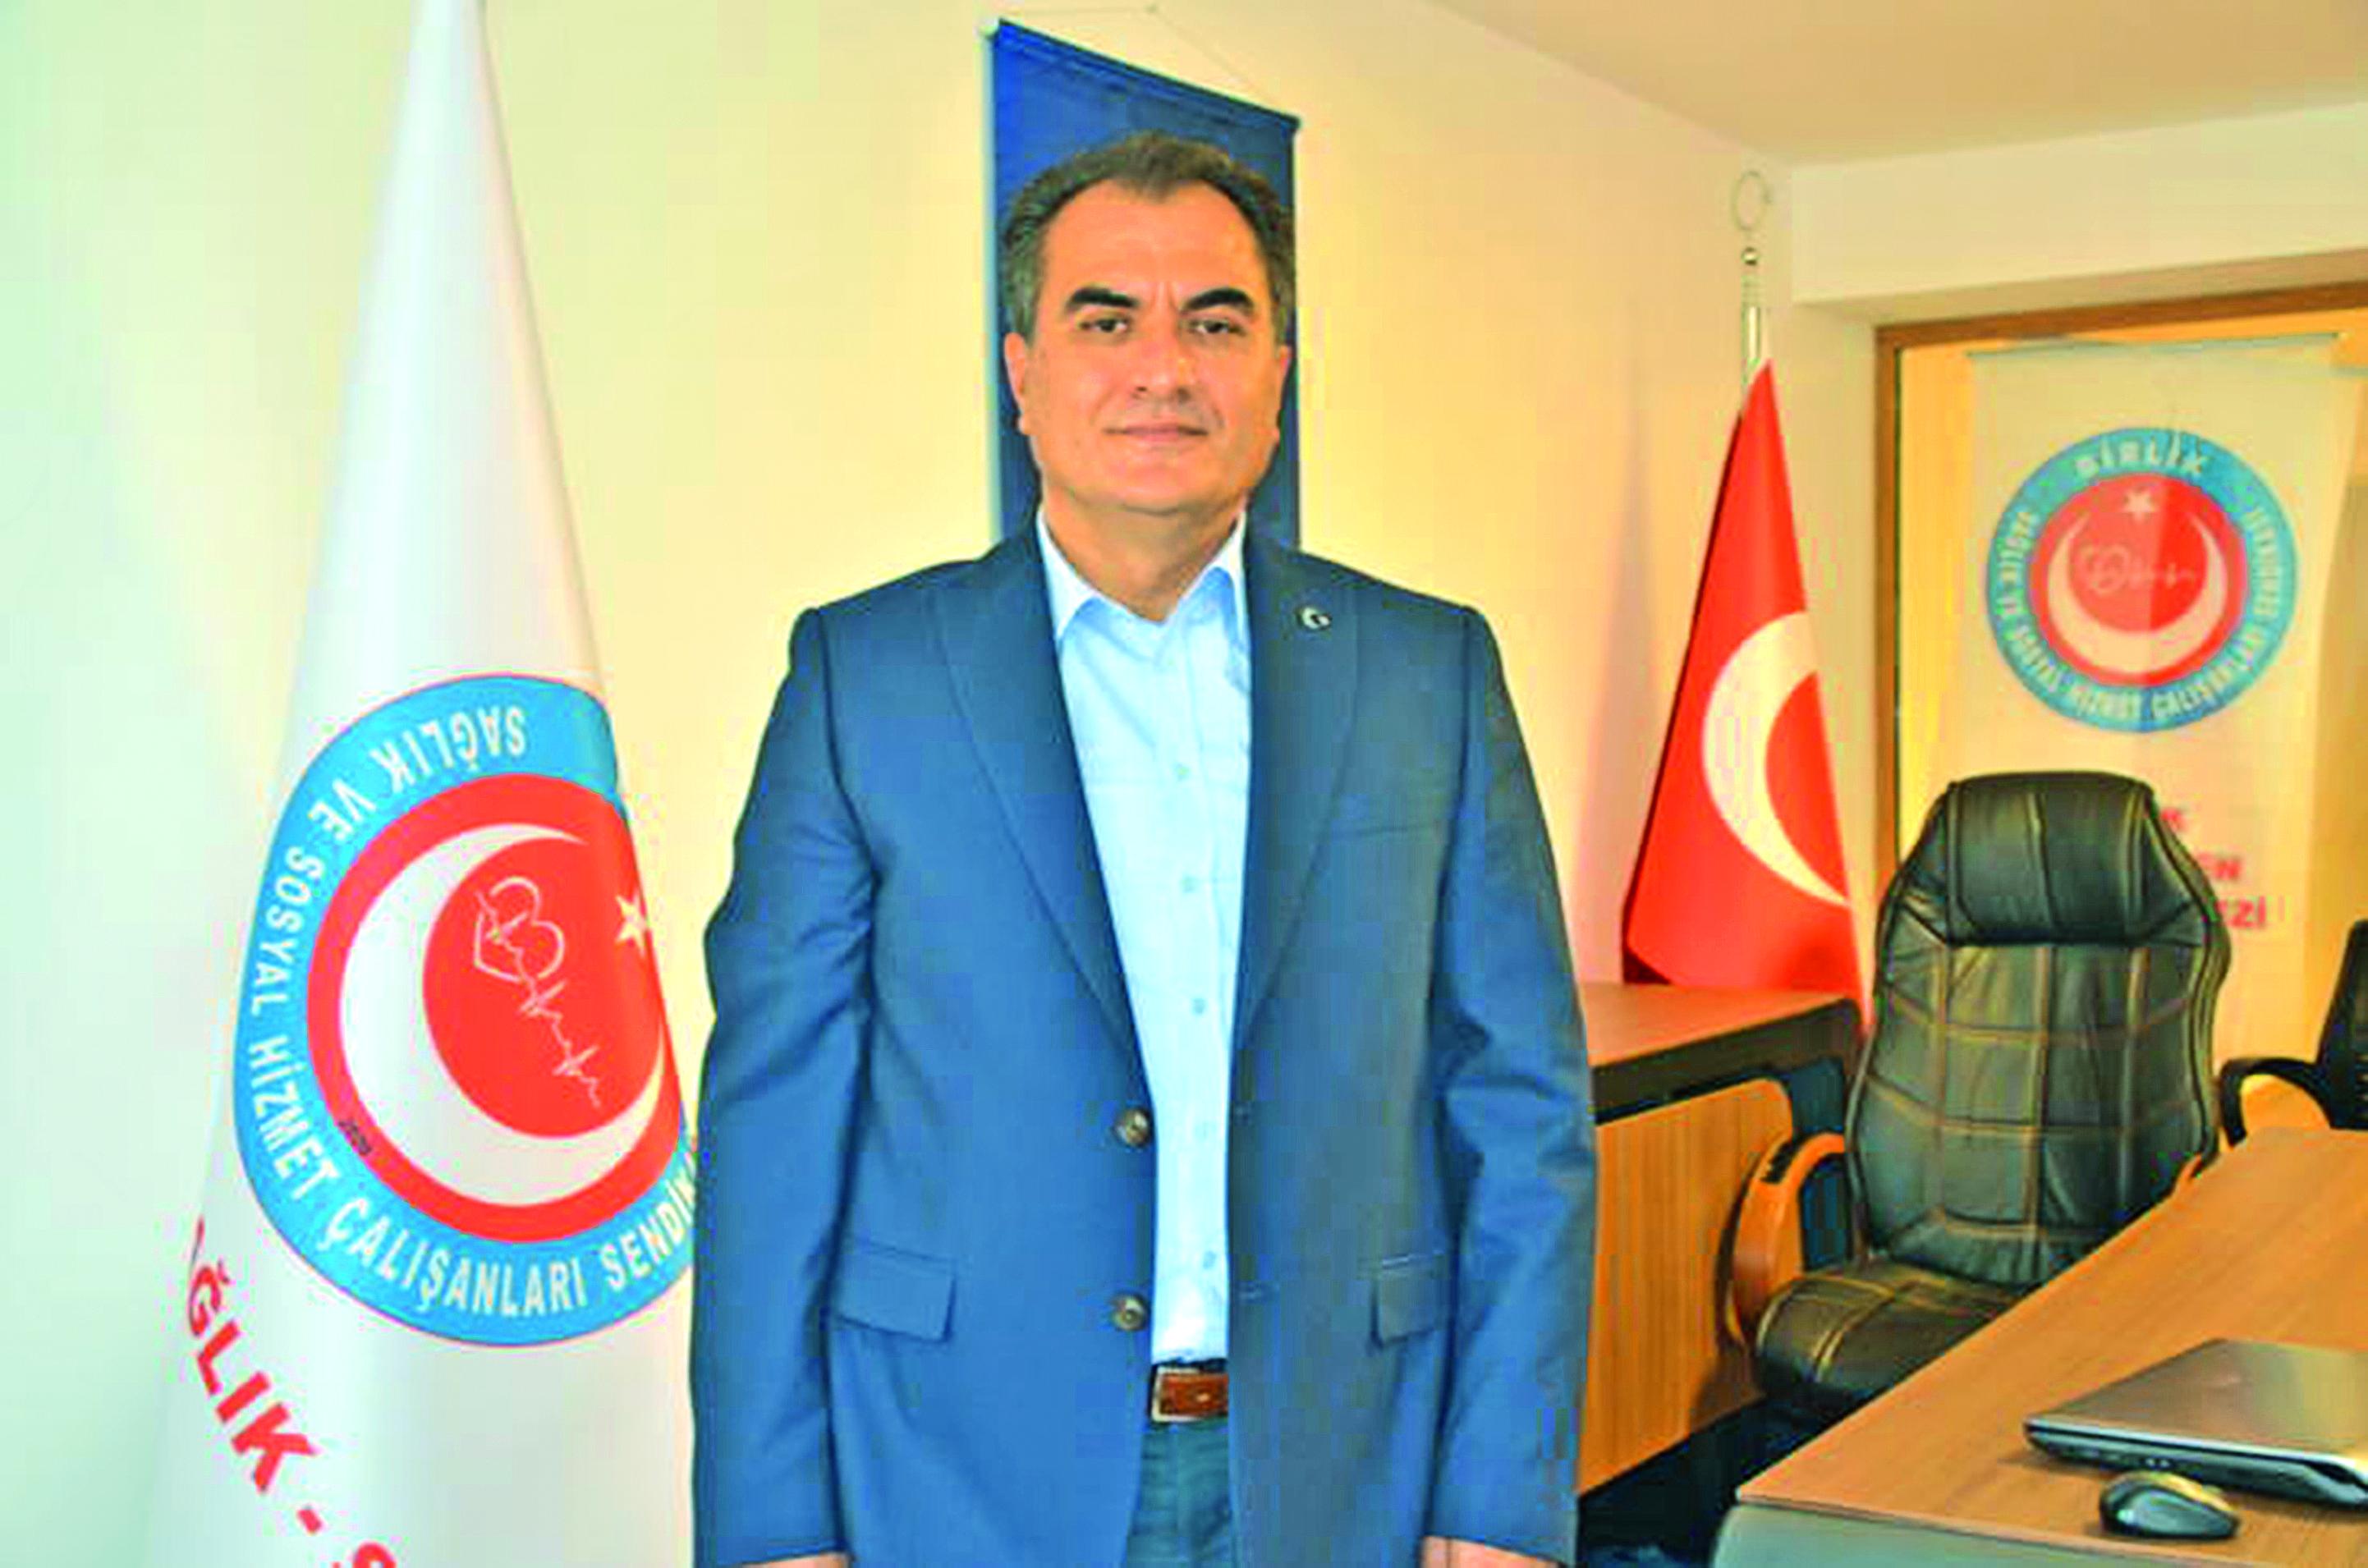 mansetAhmet Doruyol